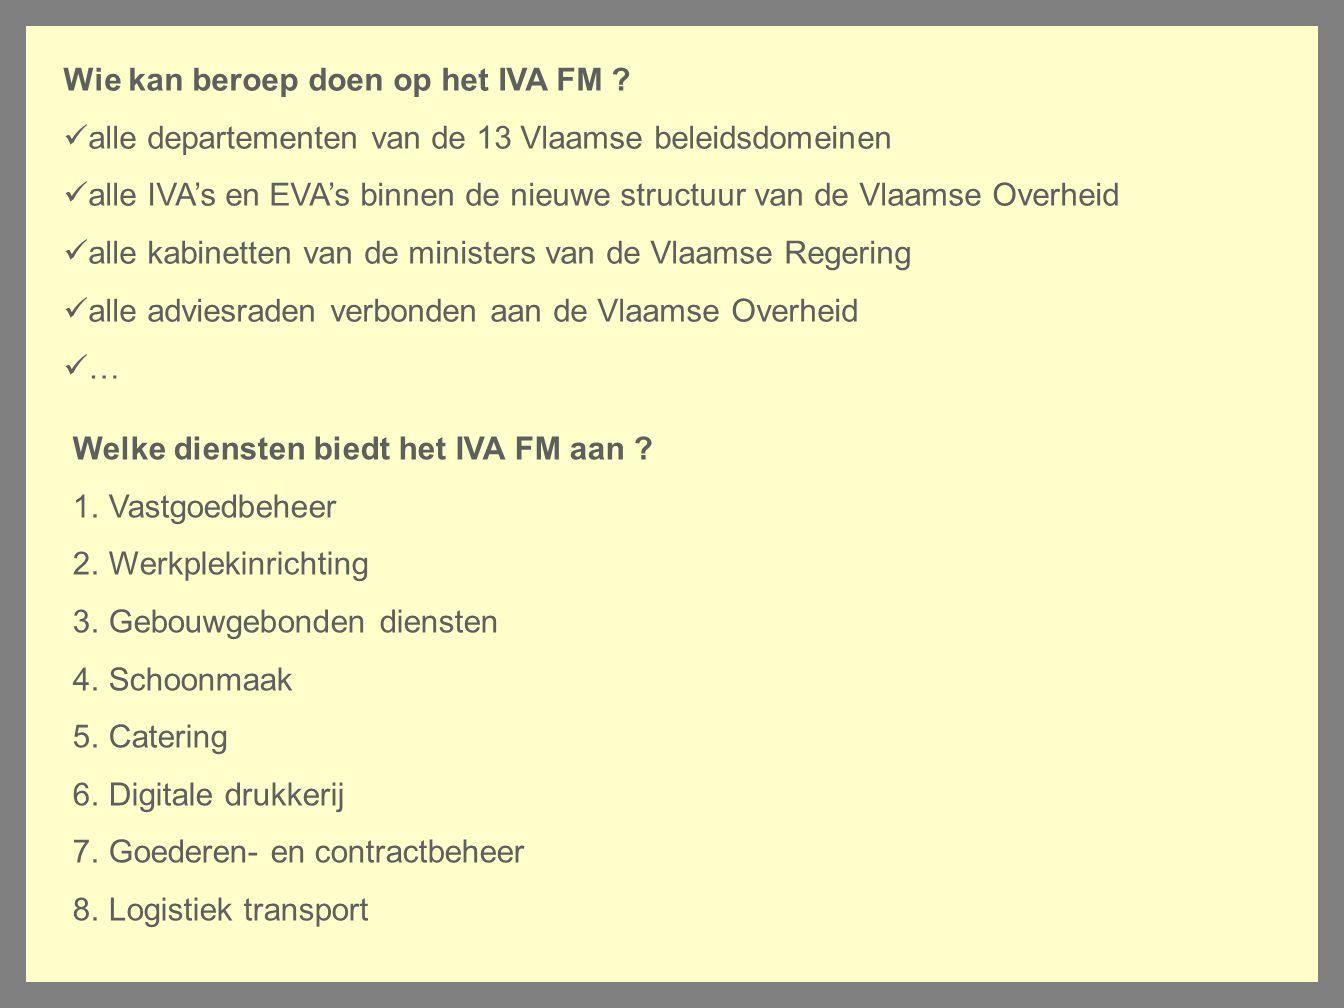 Wie kan beroep doen op het IVA FM